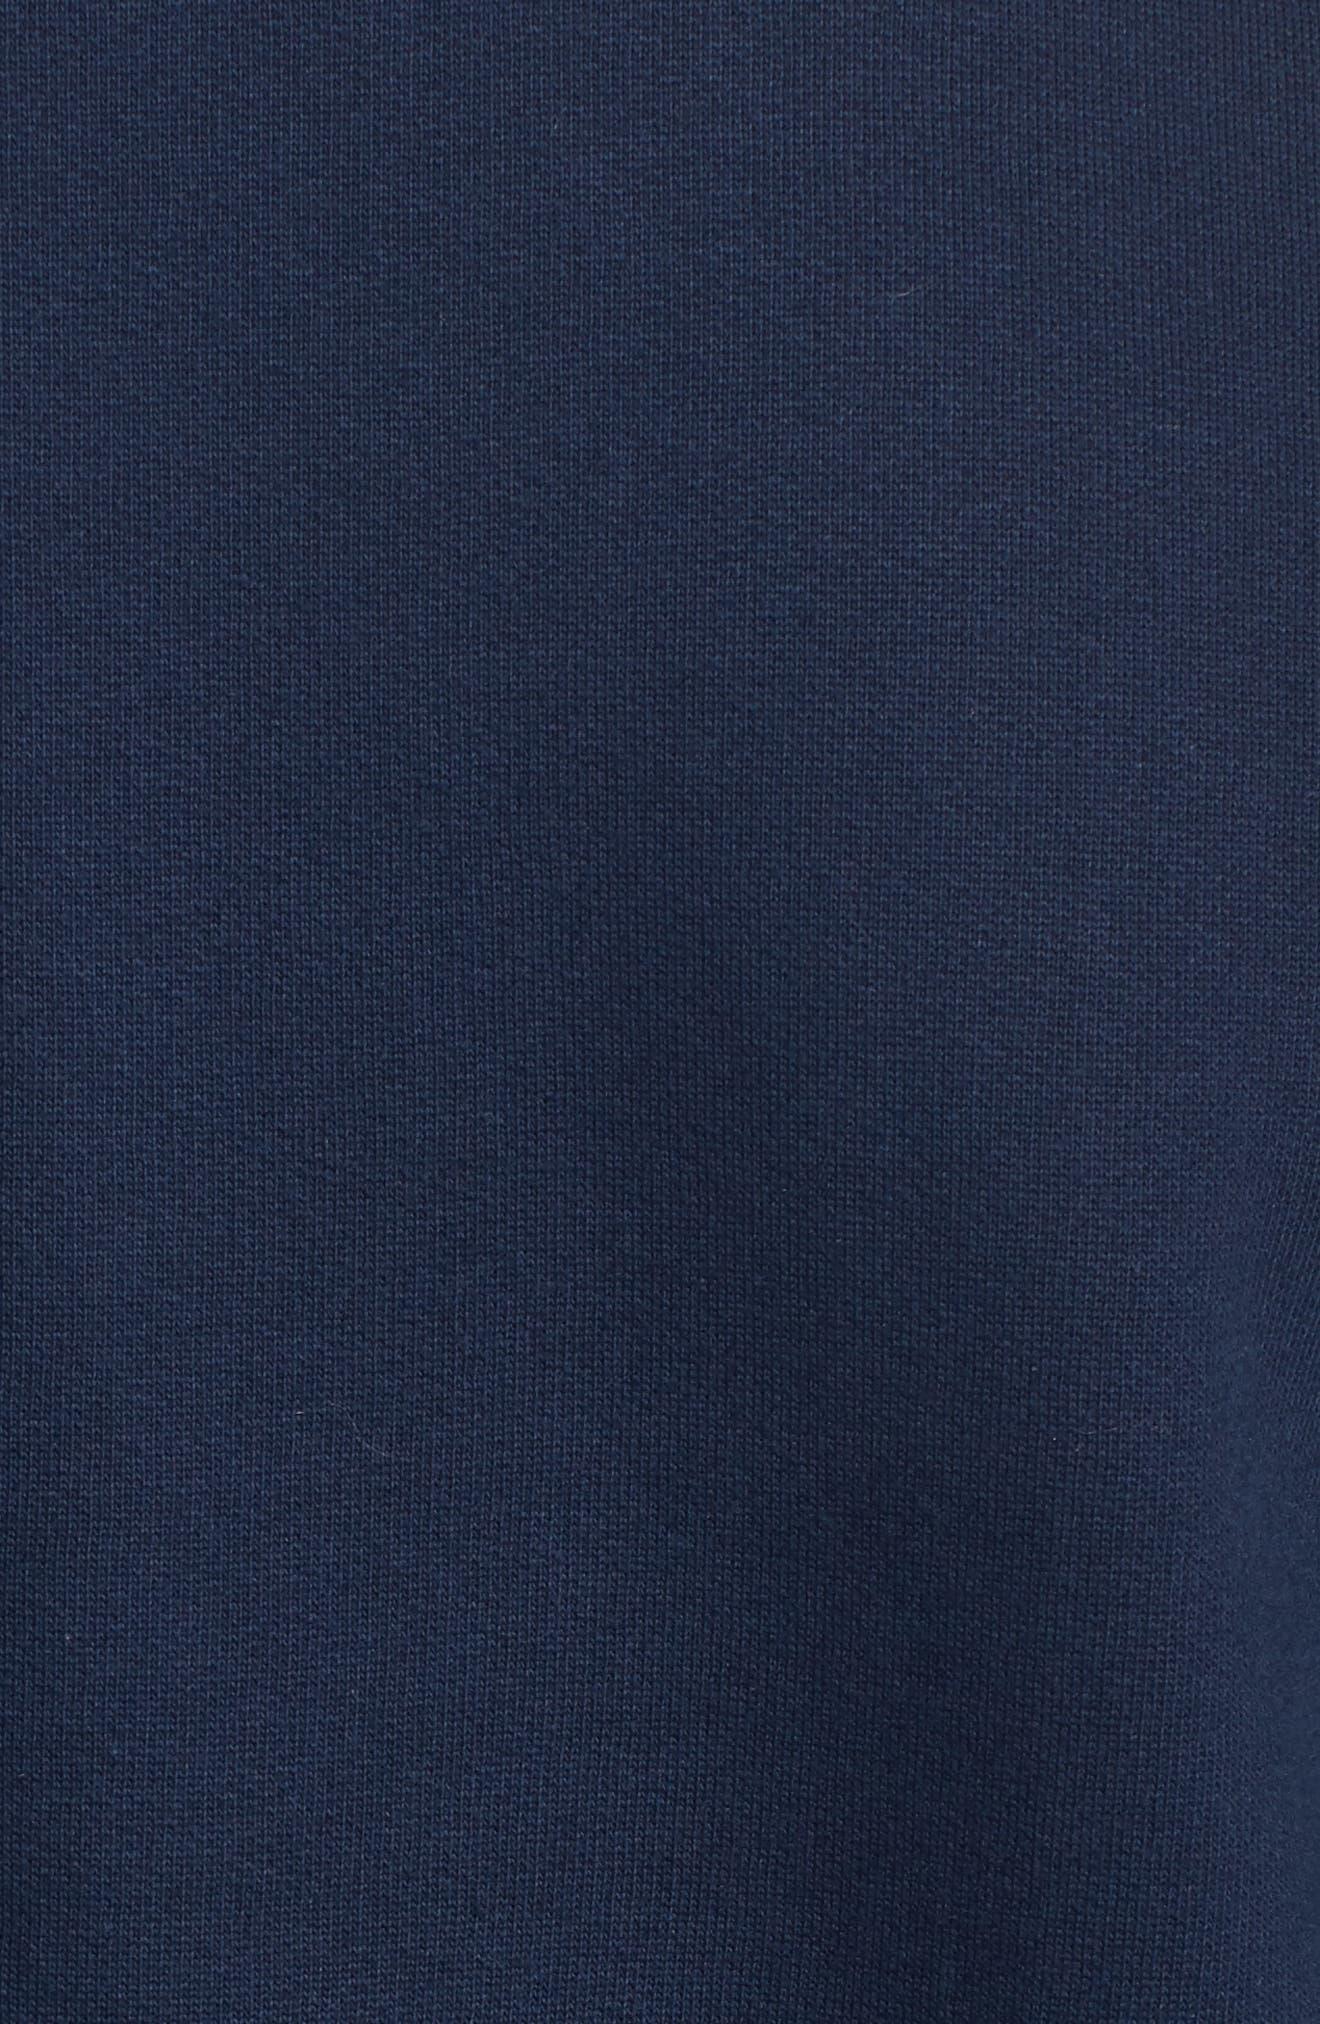 Nokat Appliqué Sweatshirt,                             Alternate thumbnail 5, color,                             018